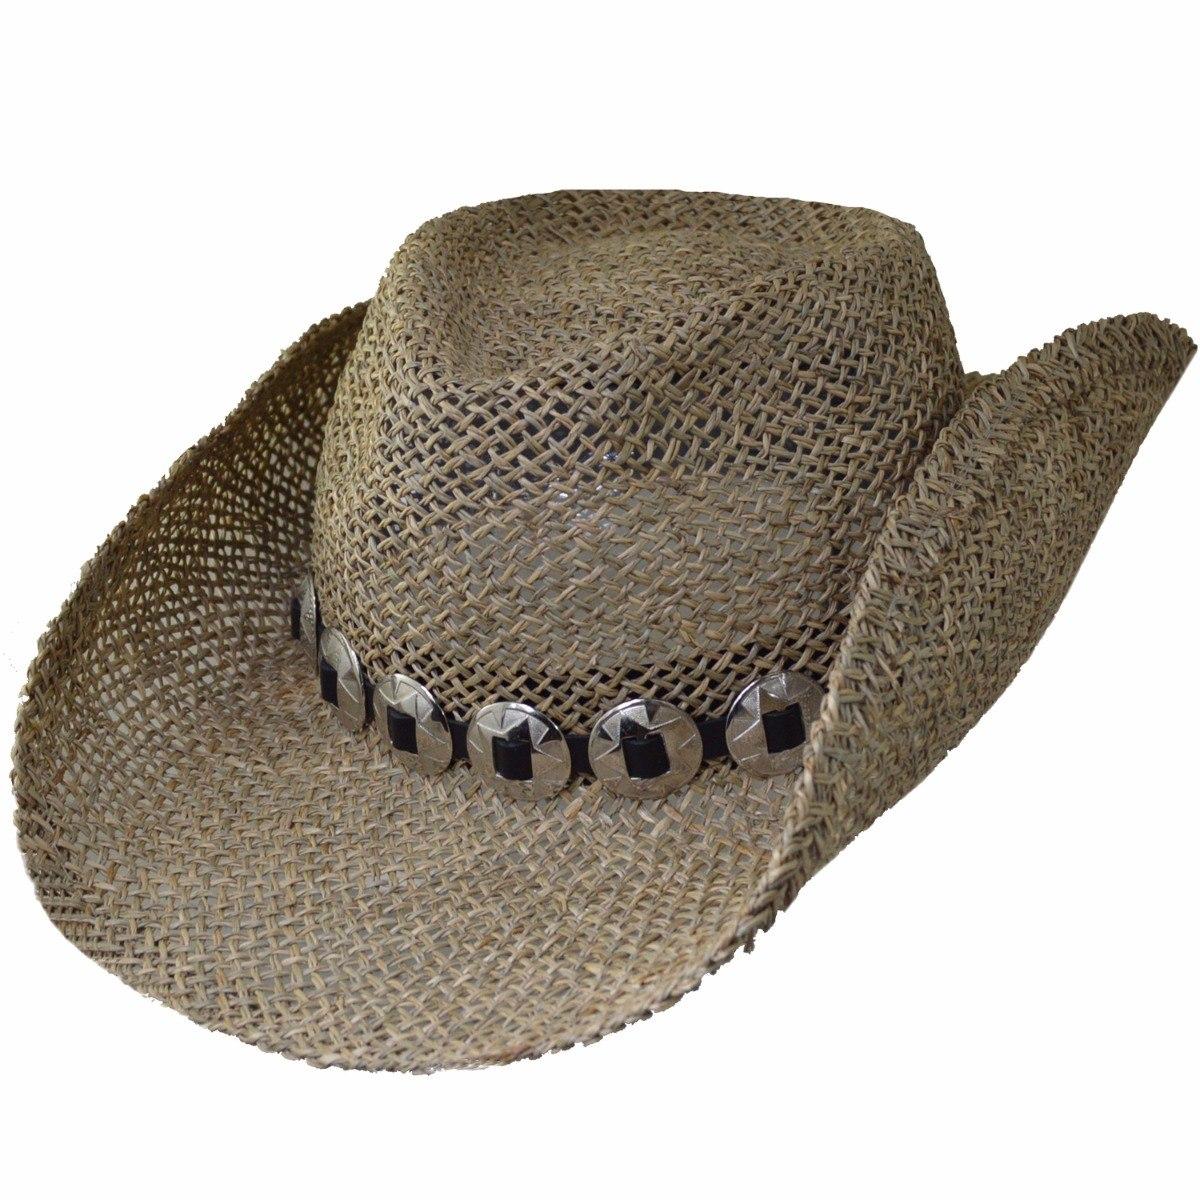 ac5fae49540de Características. Marca Compañia de Sombreros  Modelo Sombrero Cowboy ...